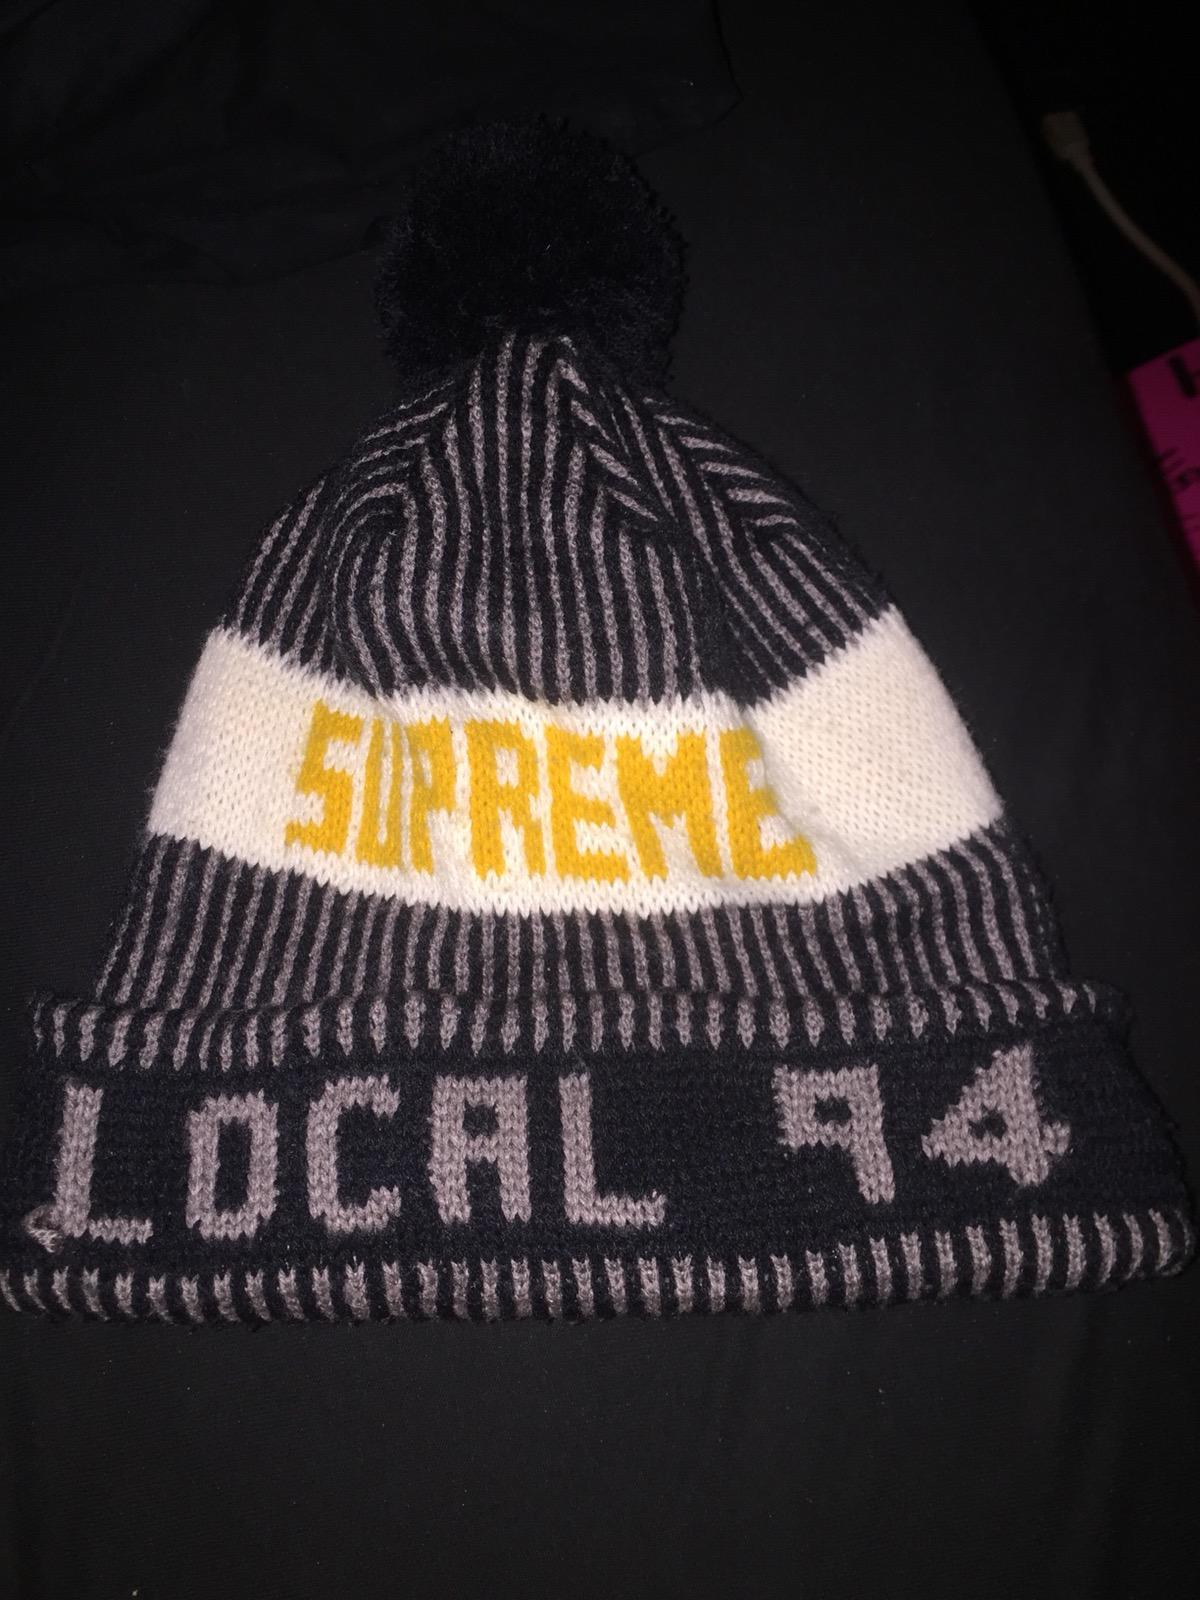 8f03904c Supreme F/w 12 Supreme Local 94 Beanie | Grailed